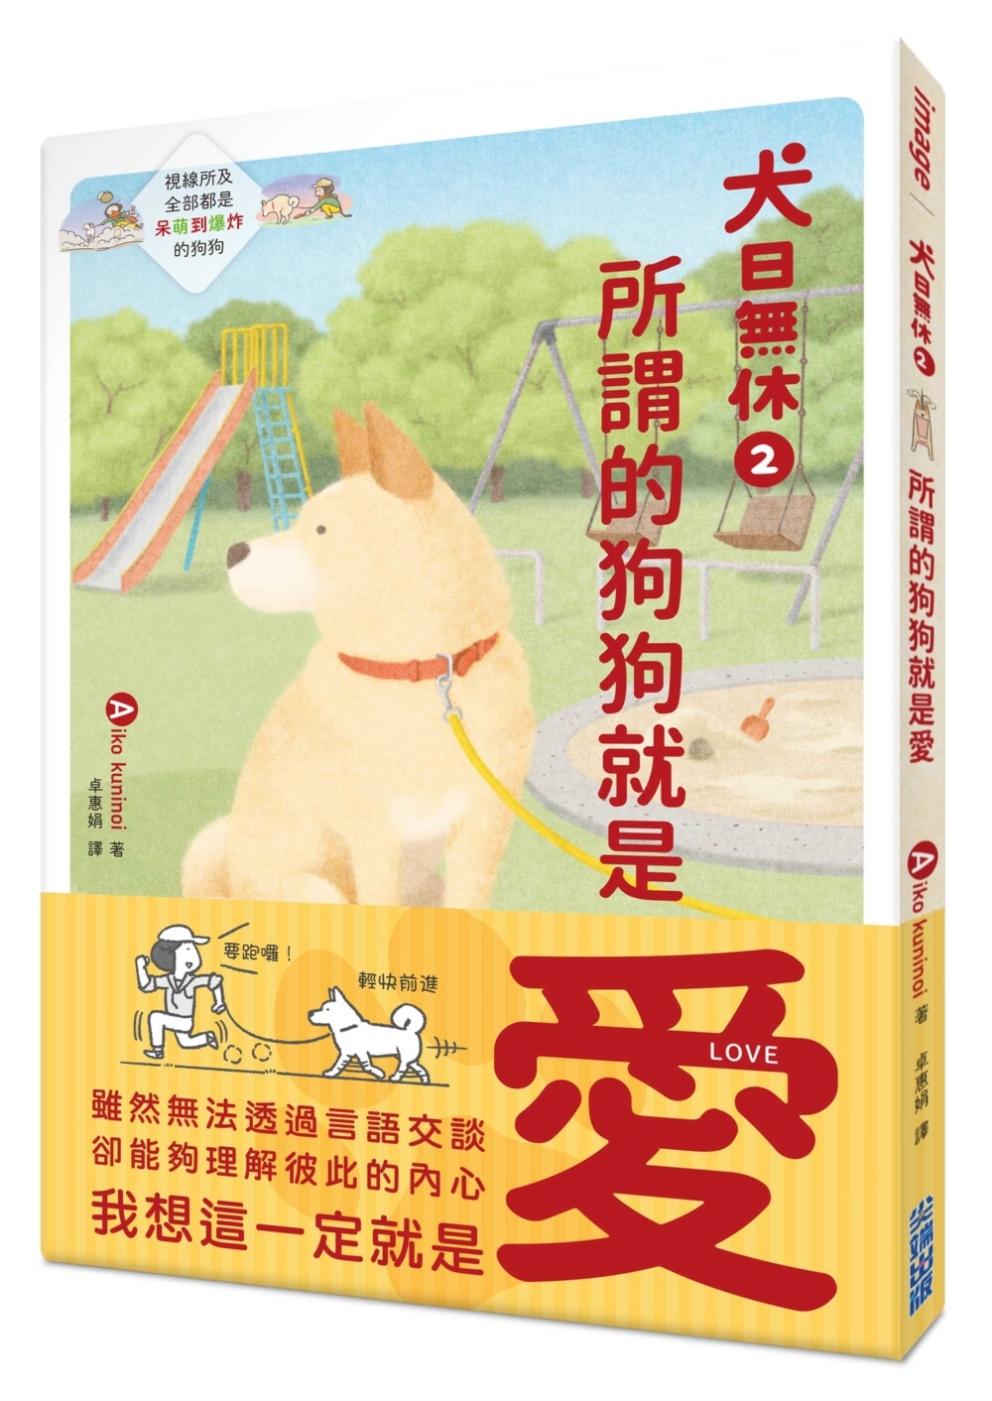 犬日無休2:所謂的狗狗就是愛